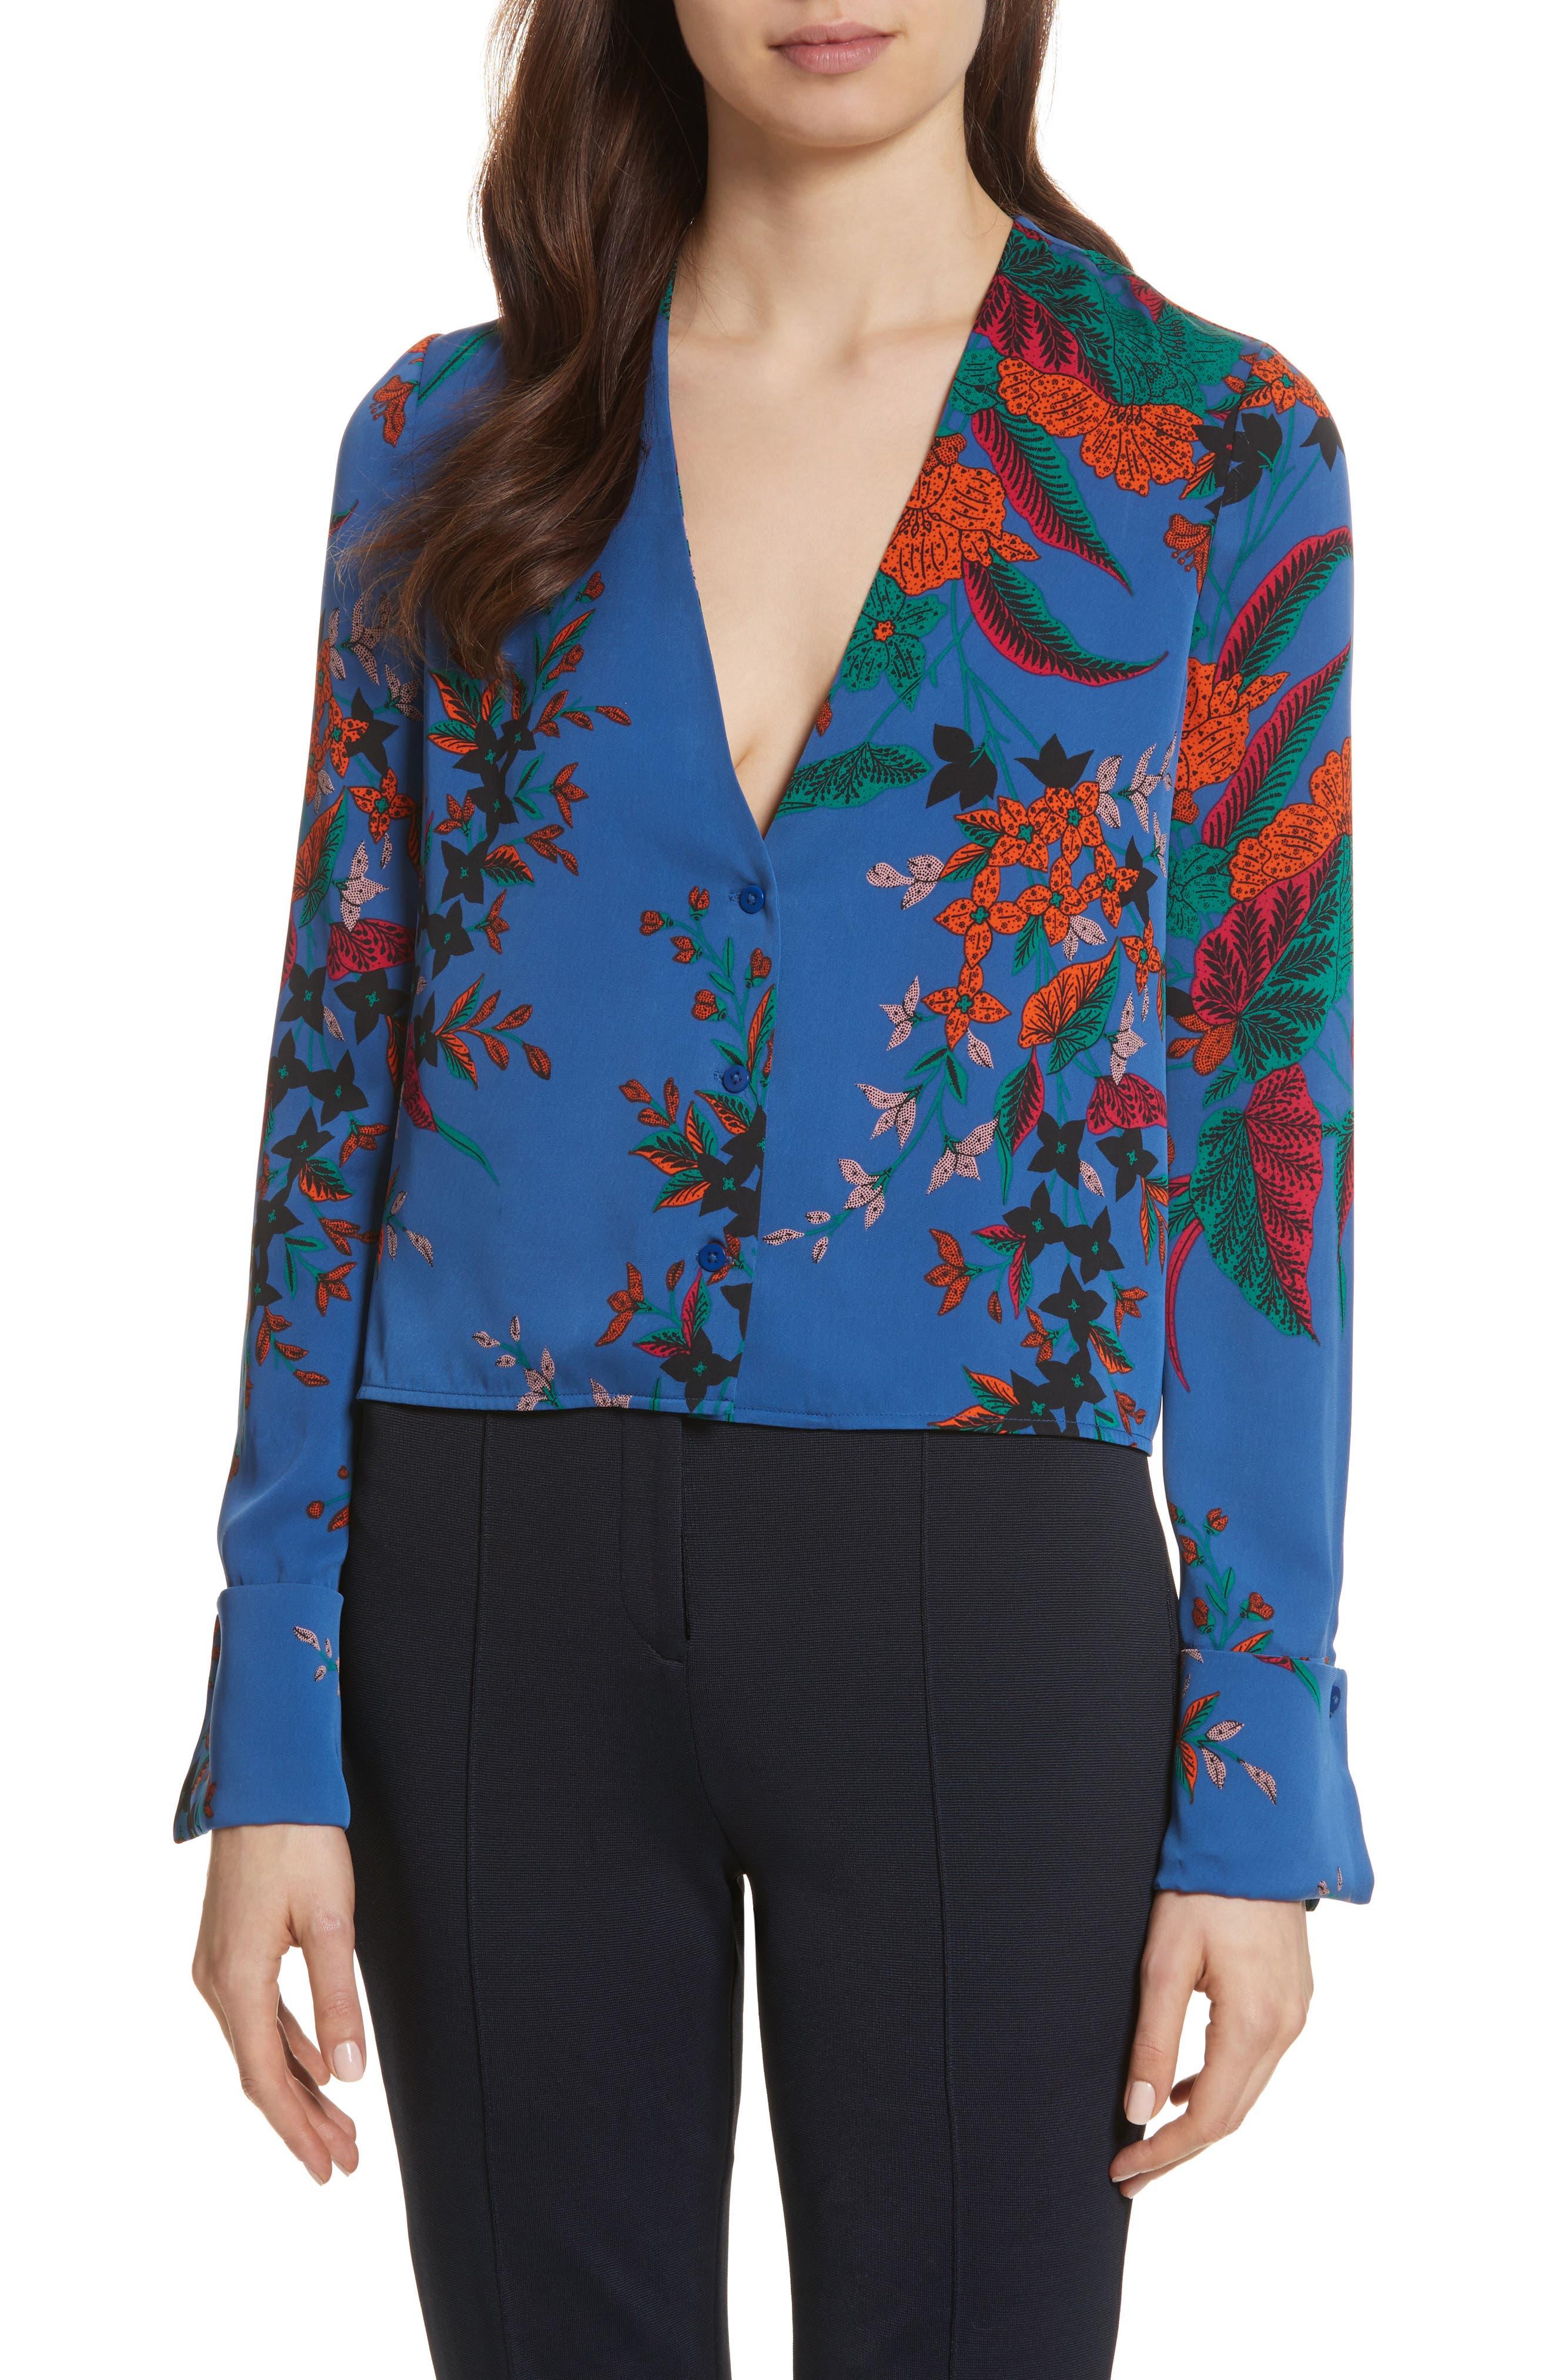 Diane von Furstenberg Cuffed Sleeve Floral Silk Top